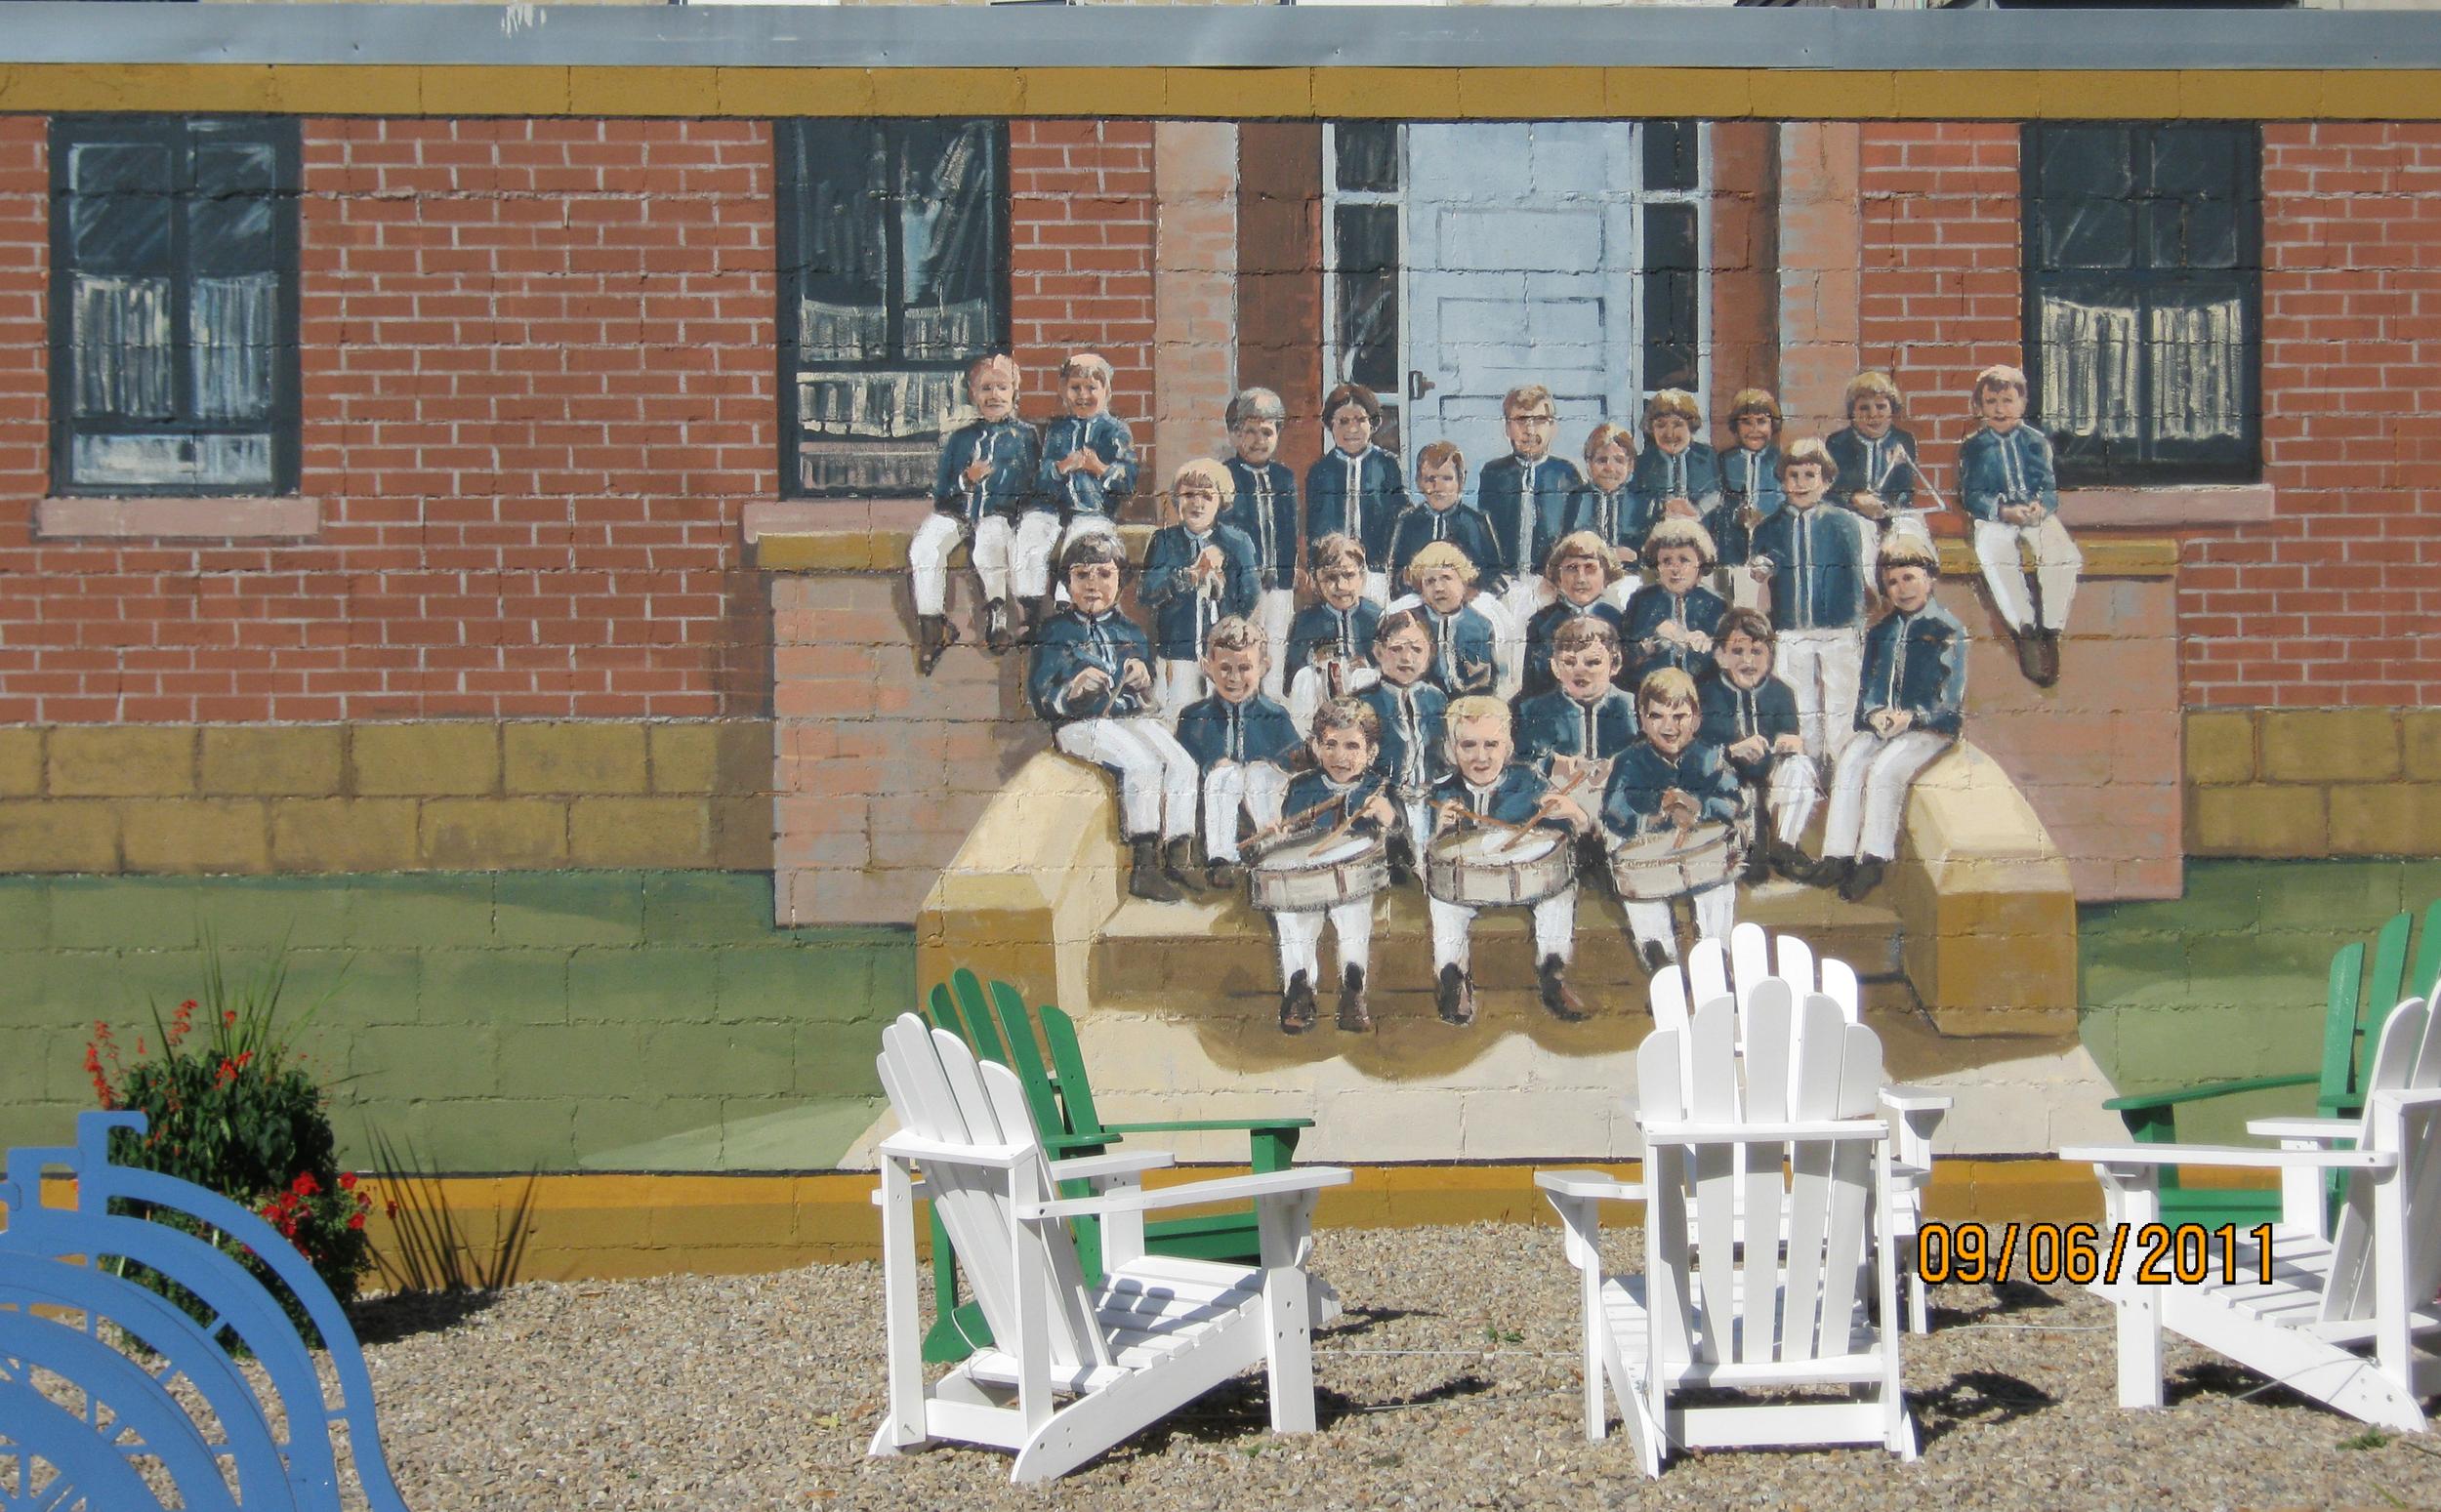 7. Schoolhouse Mural copy.jpg